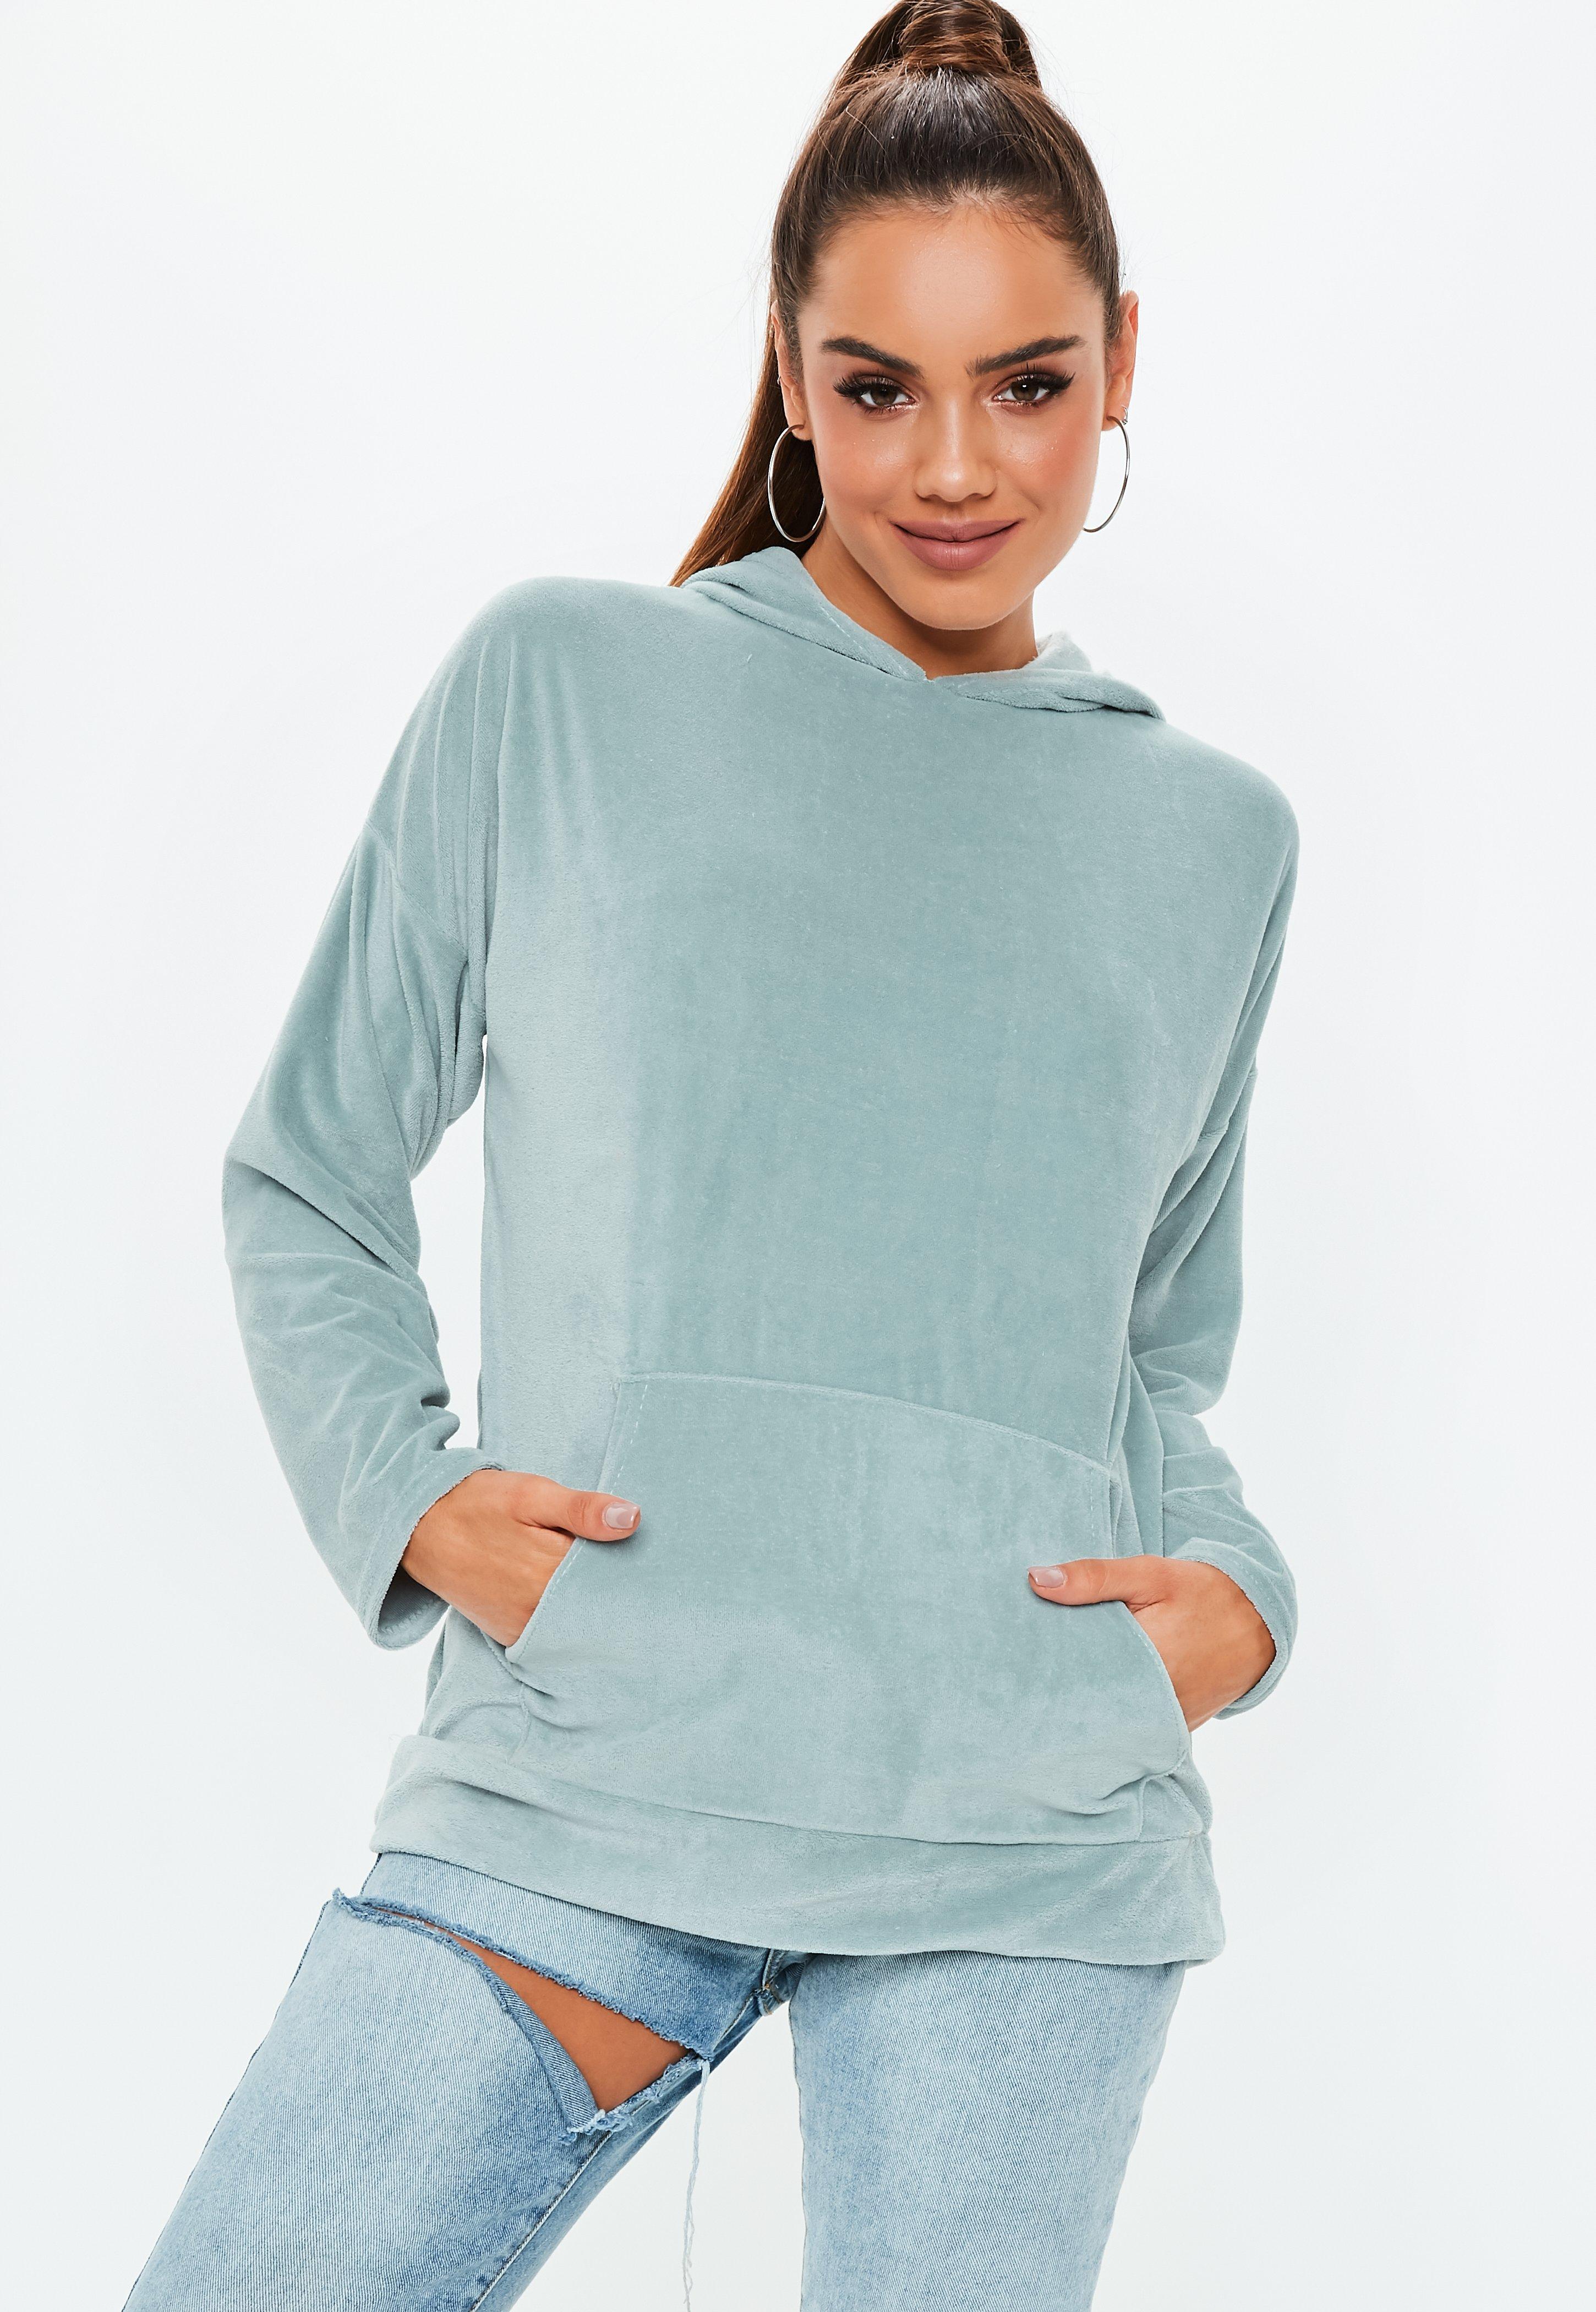 d804a00e1cc80 Women s Hoodies - Pullover   Full Zipper